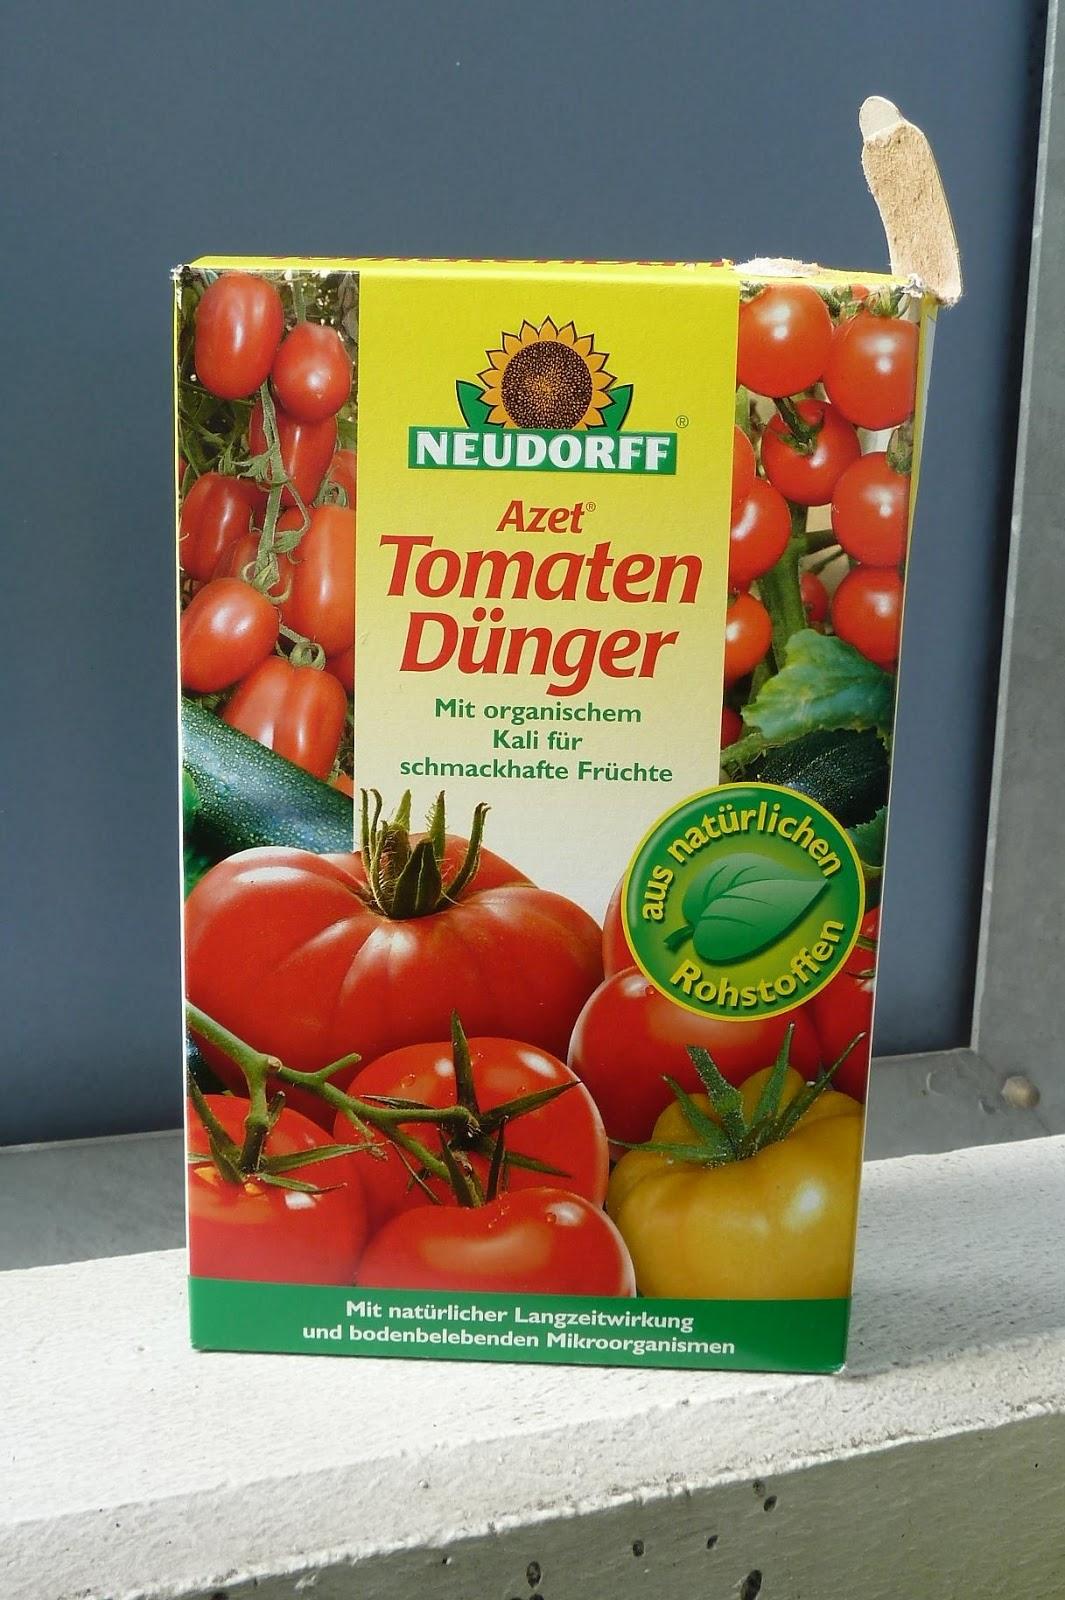 tomaten ziehen tomaten ziehen richtige pflege tomaten selber ziehen so gelingt 39 s. Black Bedroom Furniture Sets. Home Design Ideas